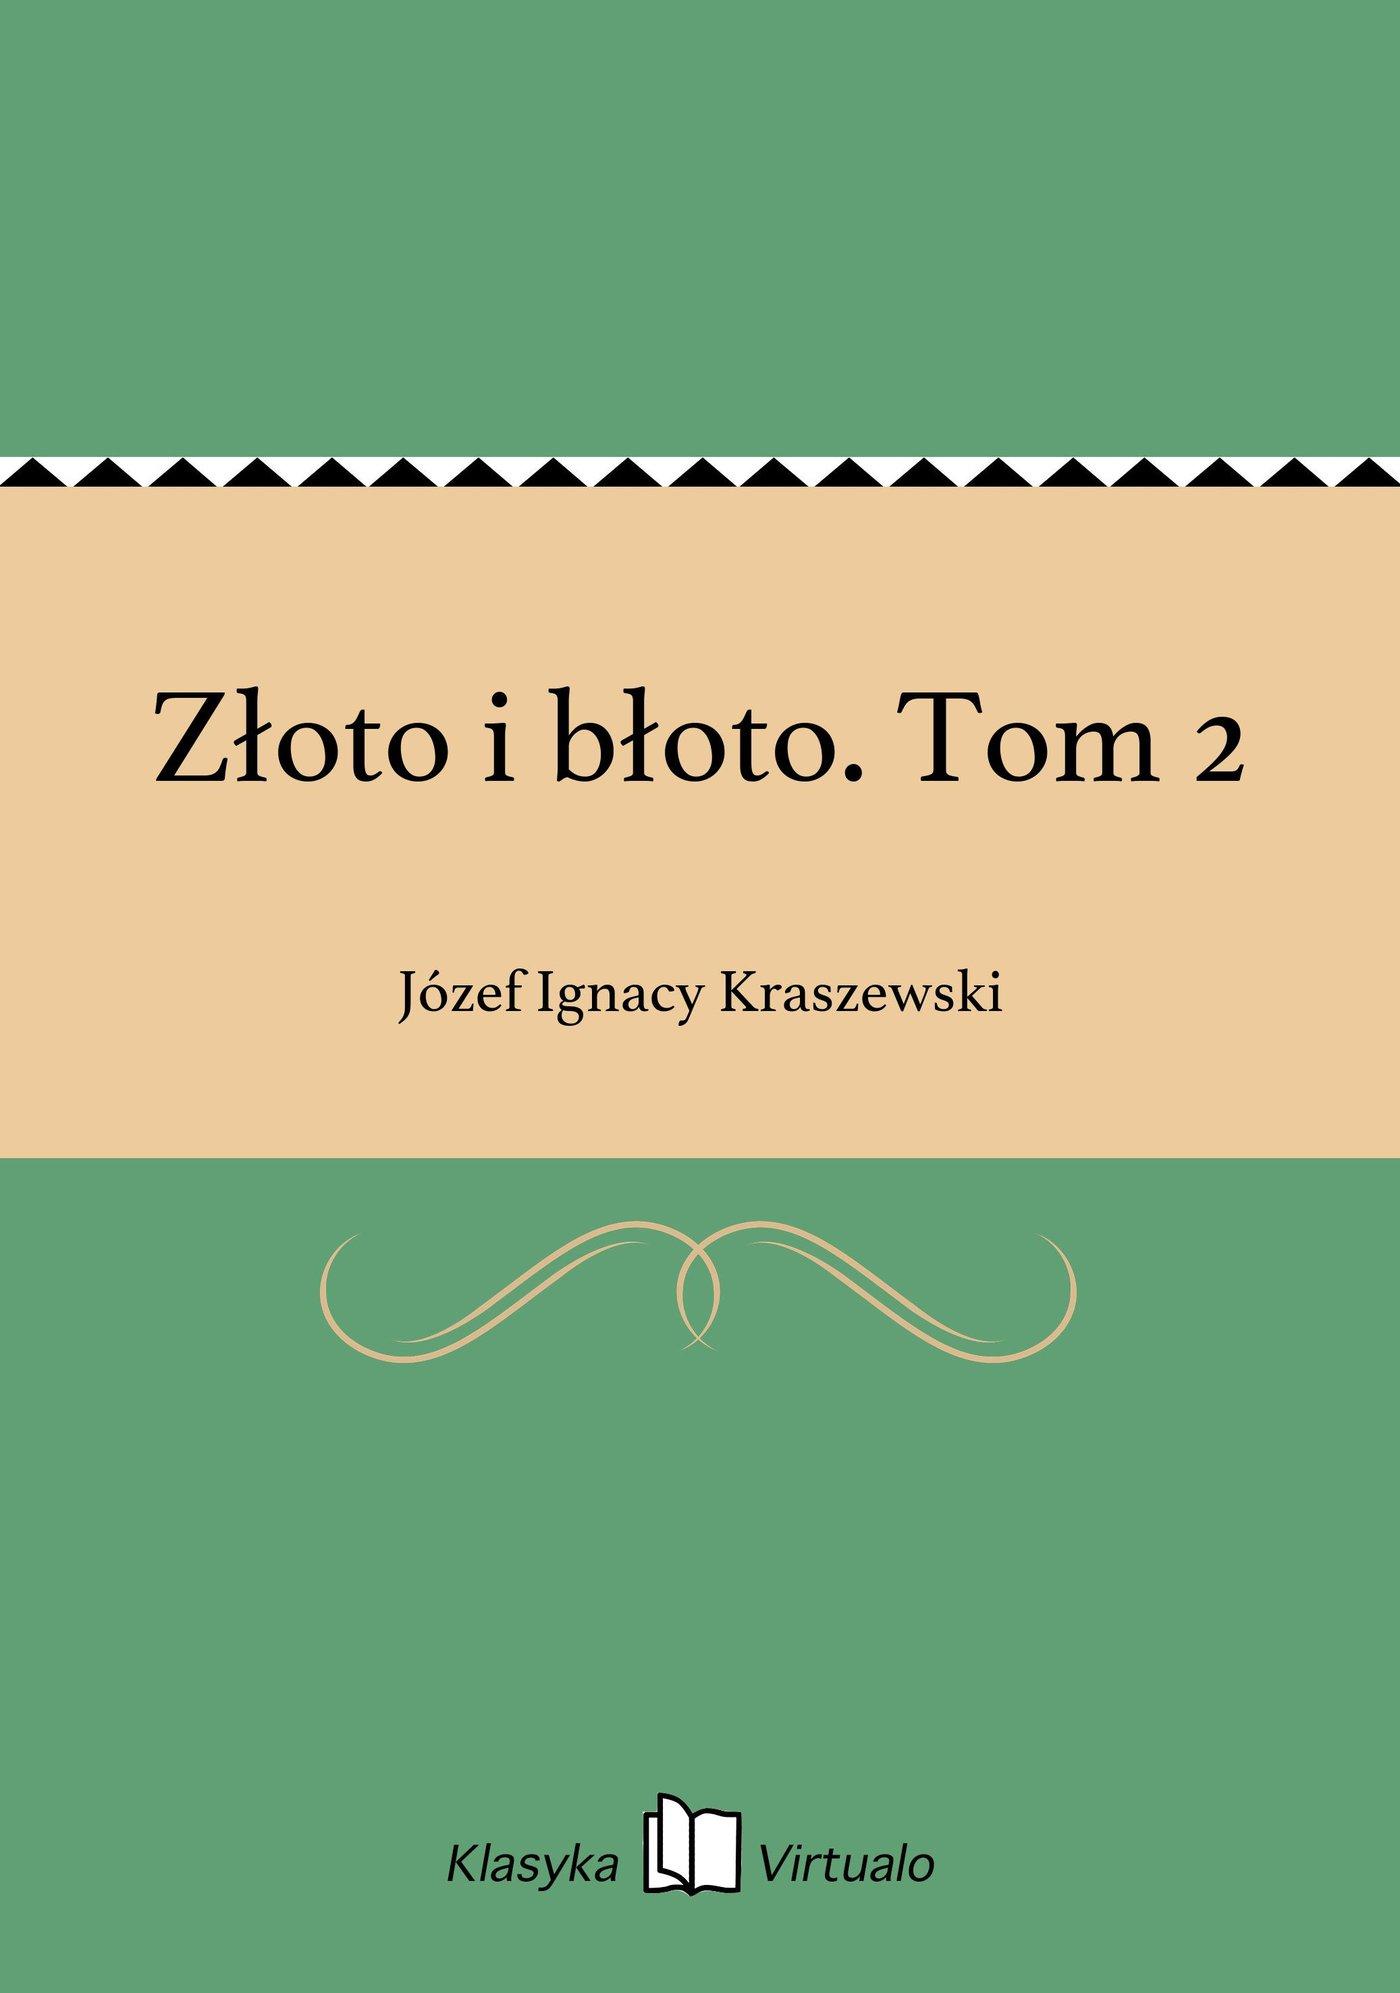 Złoto i błoto. Tom 2 - Ebook (Książka na Kindle) do pobrania w formacie MOBI